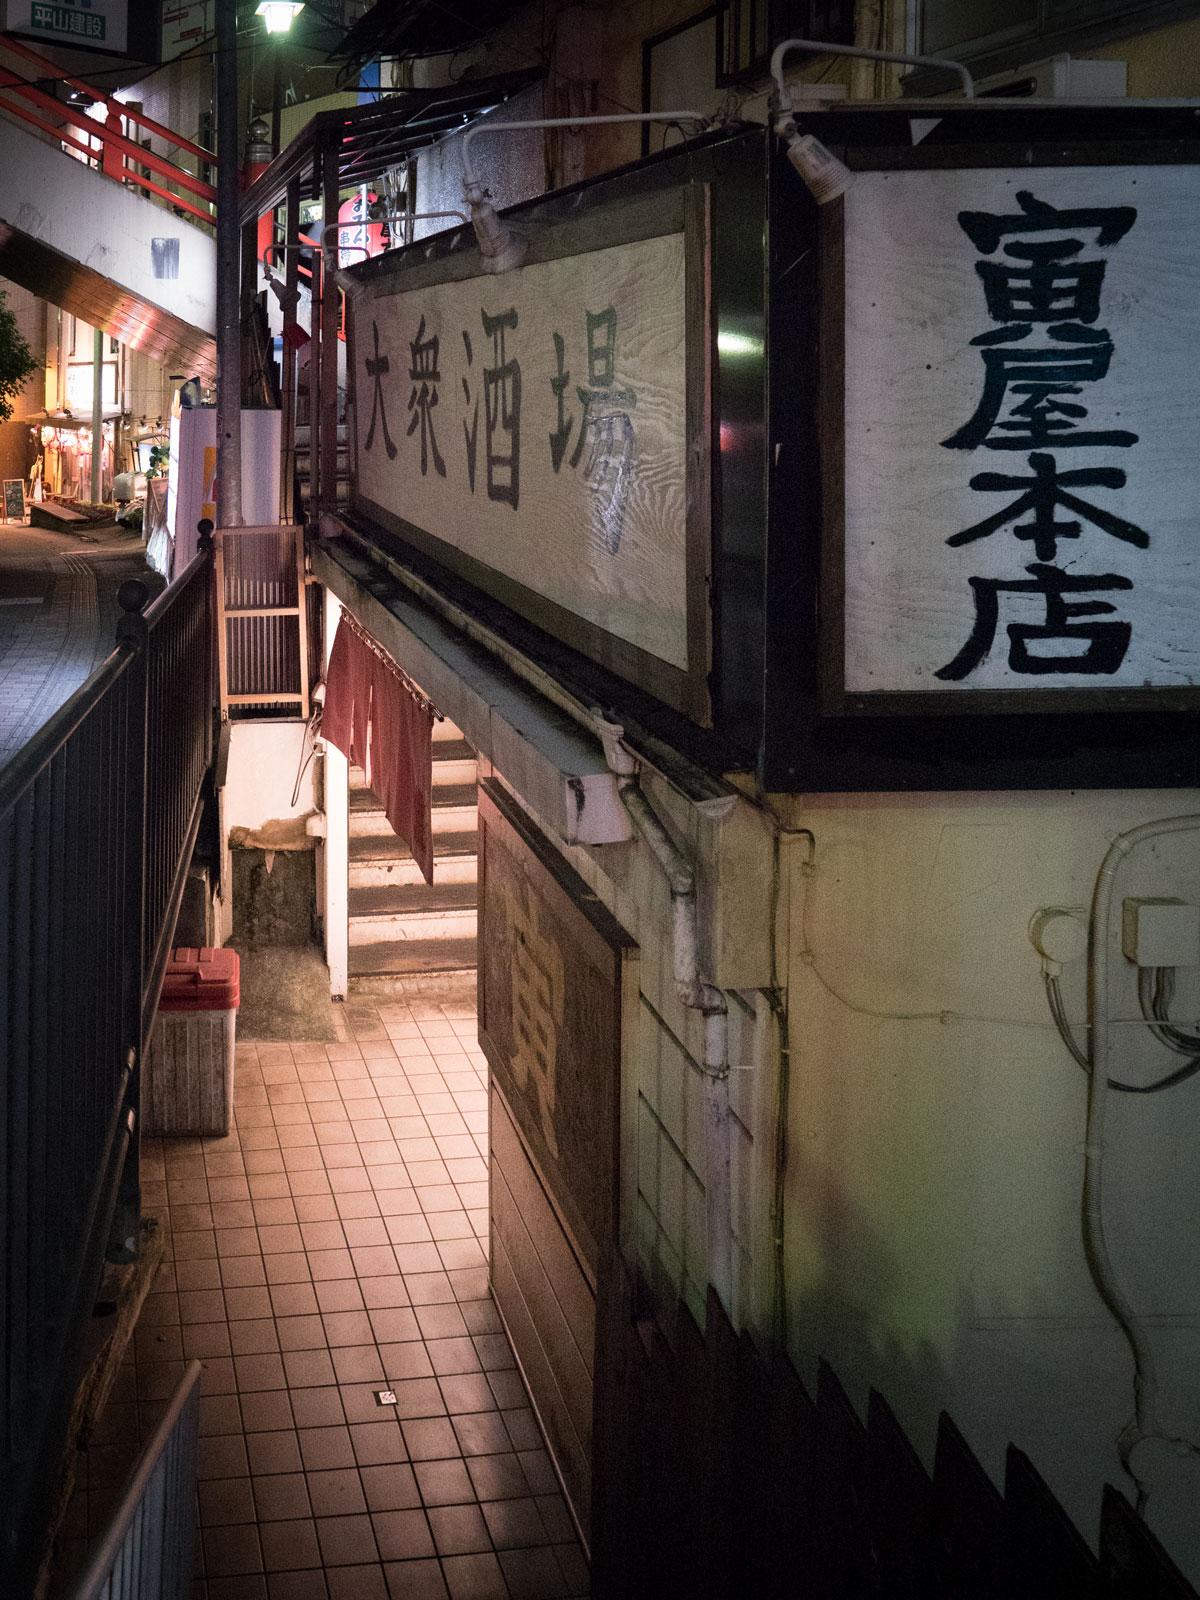 成田駅近くの大衆酒場「寅屋本店」入口の夜景 撮影:DMC-GX8 + LEICA DG 12-60mm